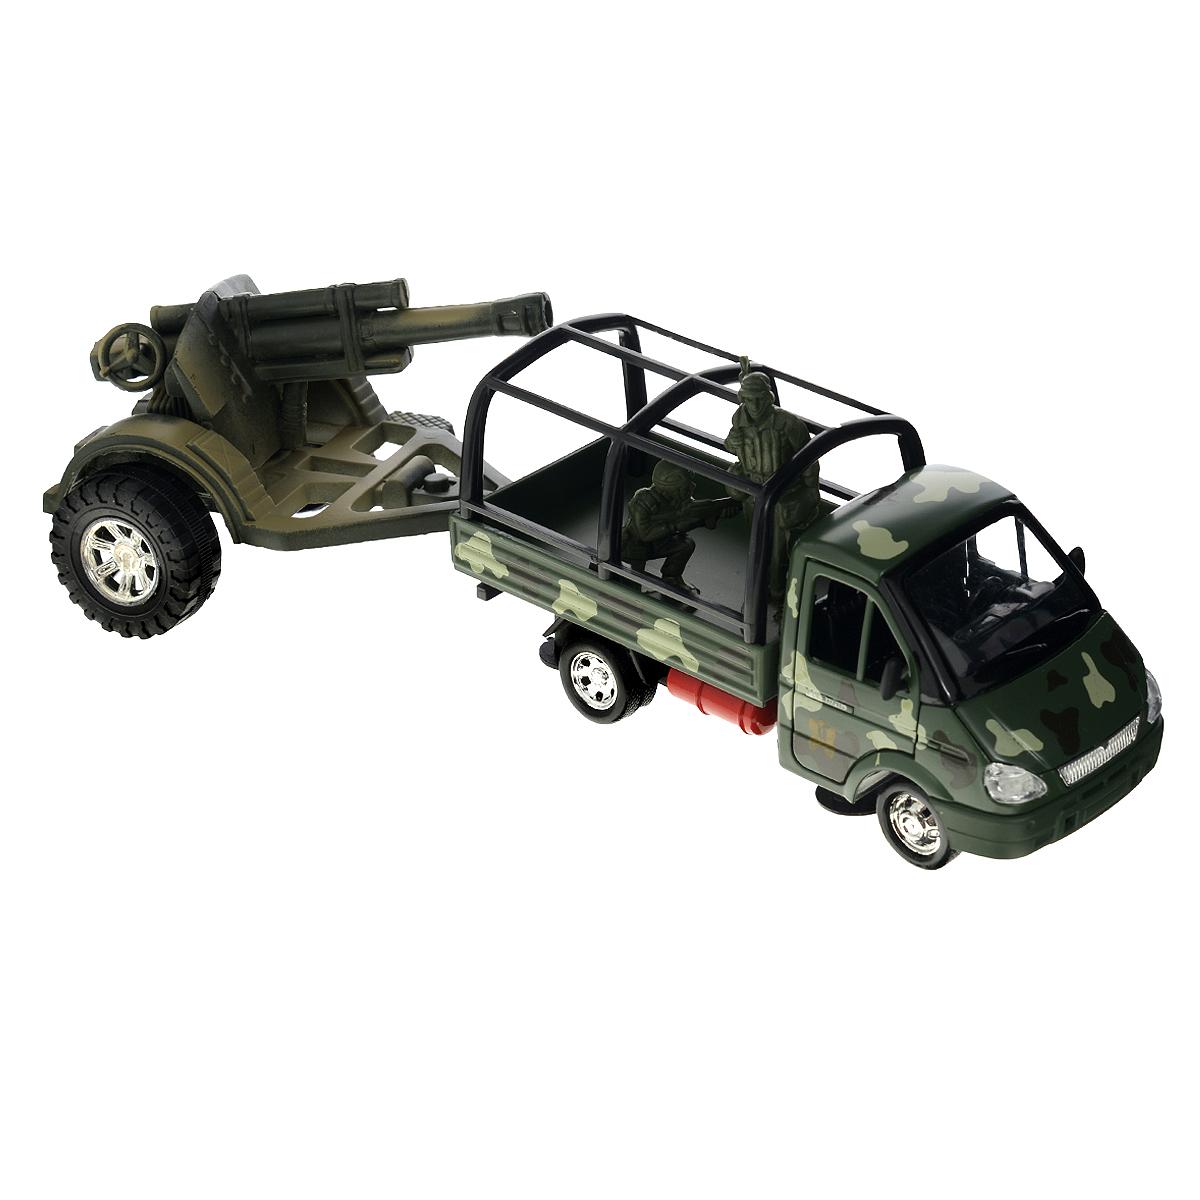 ТехноПарк Модель автомобиля Газель с пушкой женские газели купить